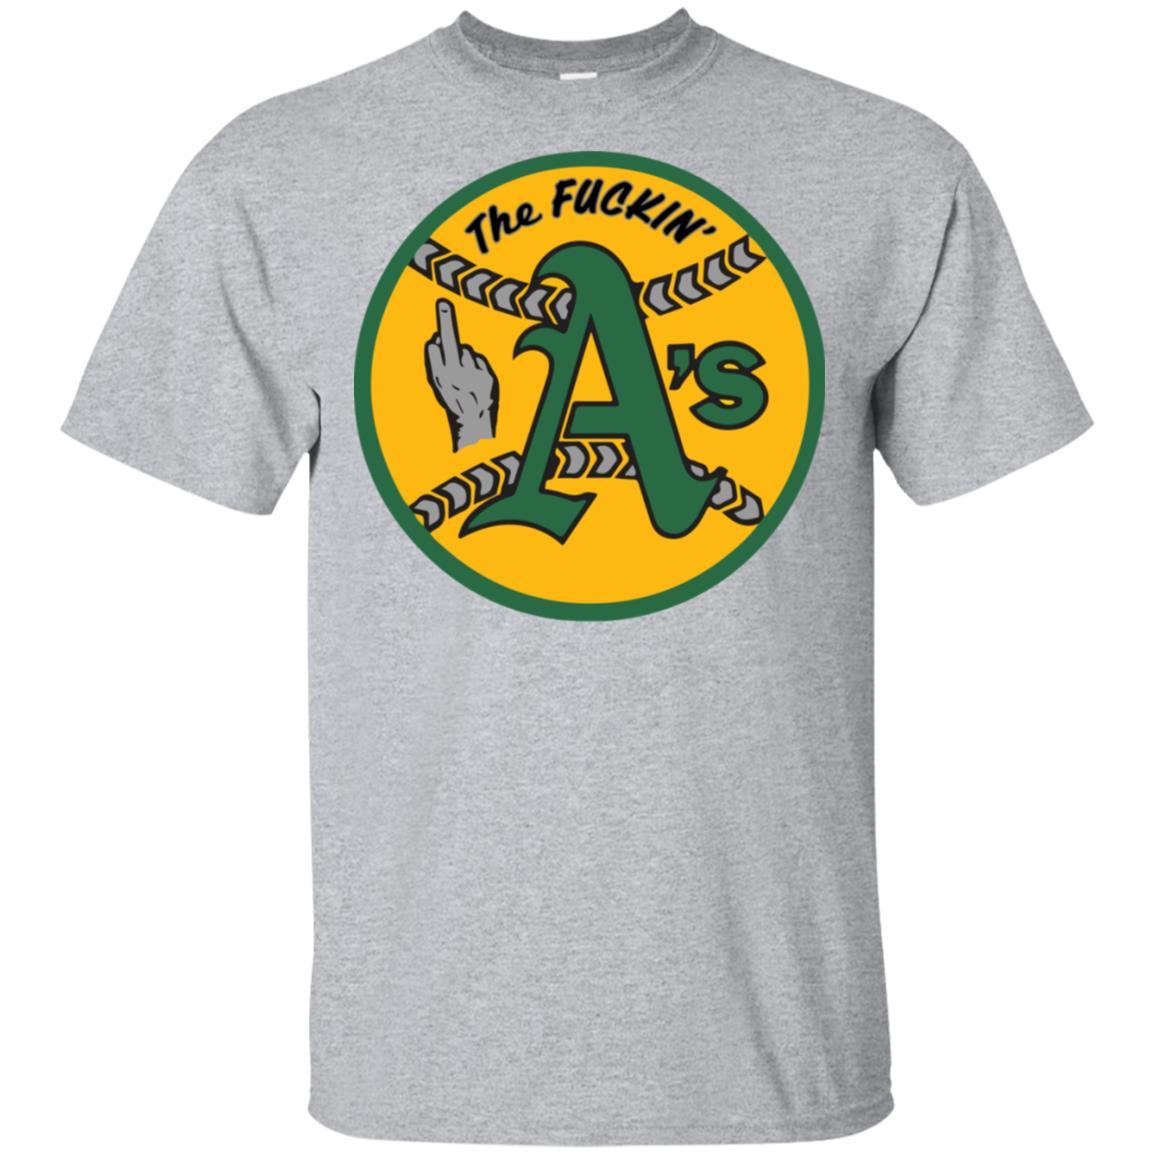 Oakland Athletics The Fuckin A039s Shirt